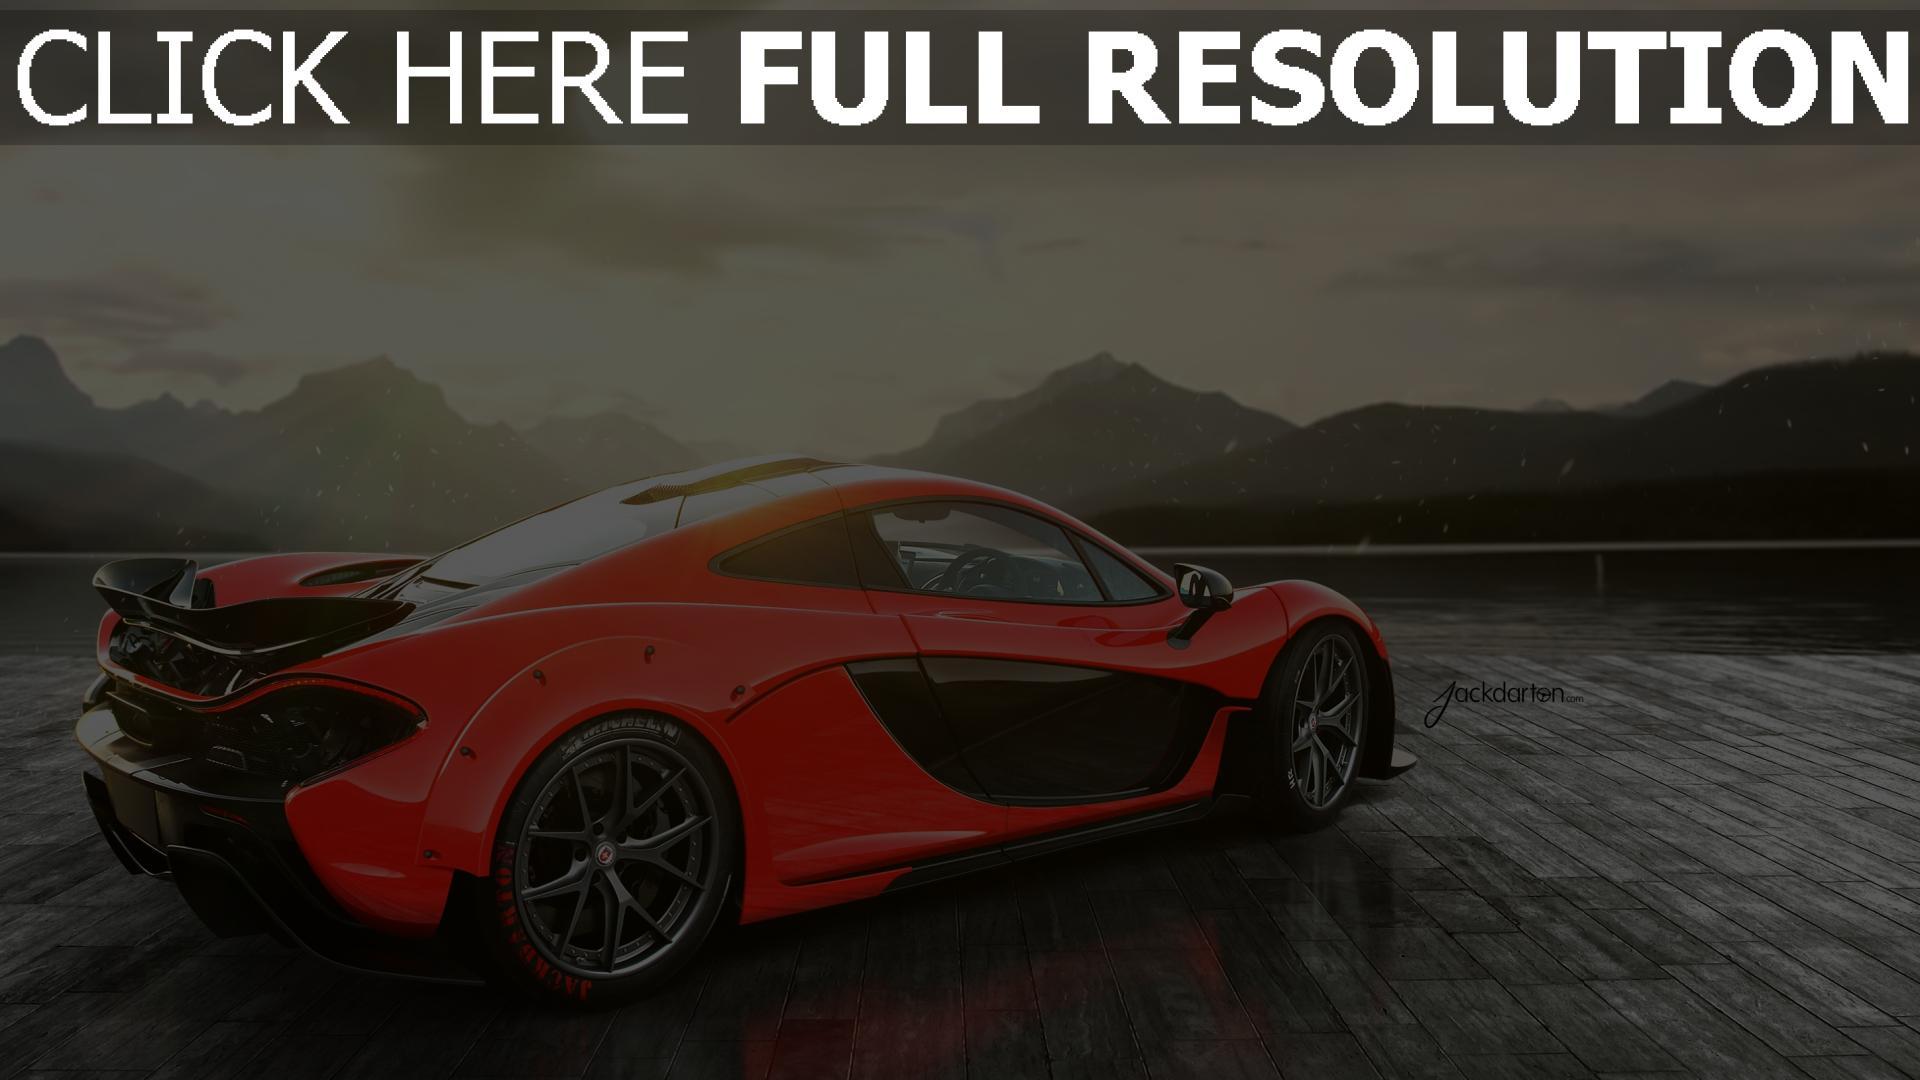 Fond d'écran HD mclaren p1 vue de côté voiture sportive de prestige, Images et Photos